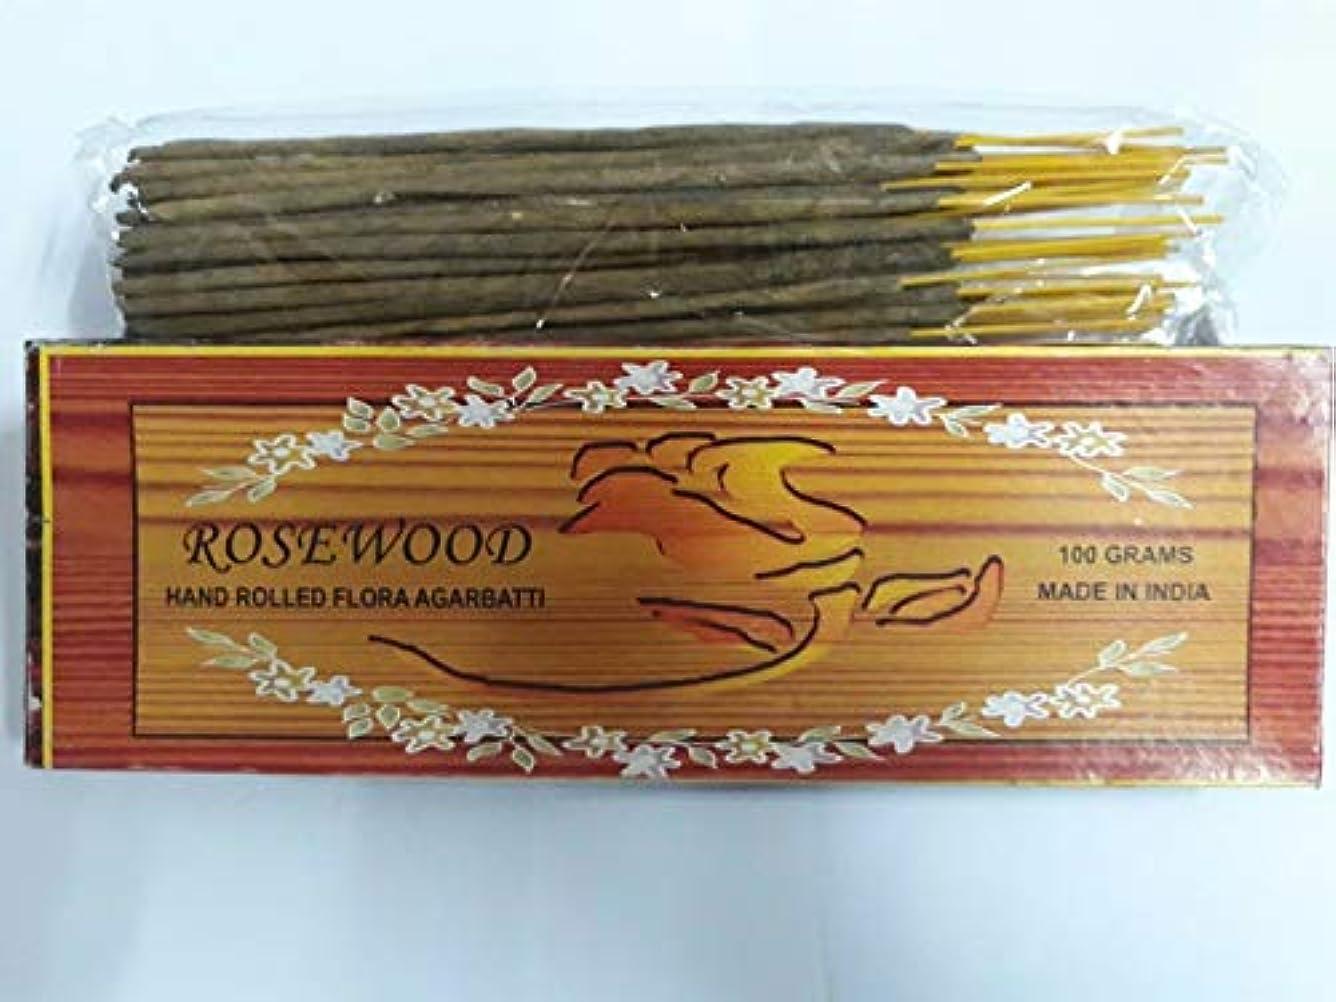 ルアー保存自由Rosewood ローズウッド Agarbatti Incense Sticks 線香 100 grams Flora Incense Agarbatti フローラ線香